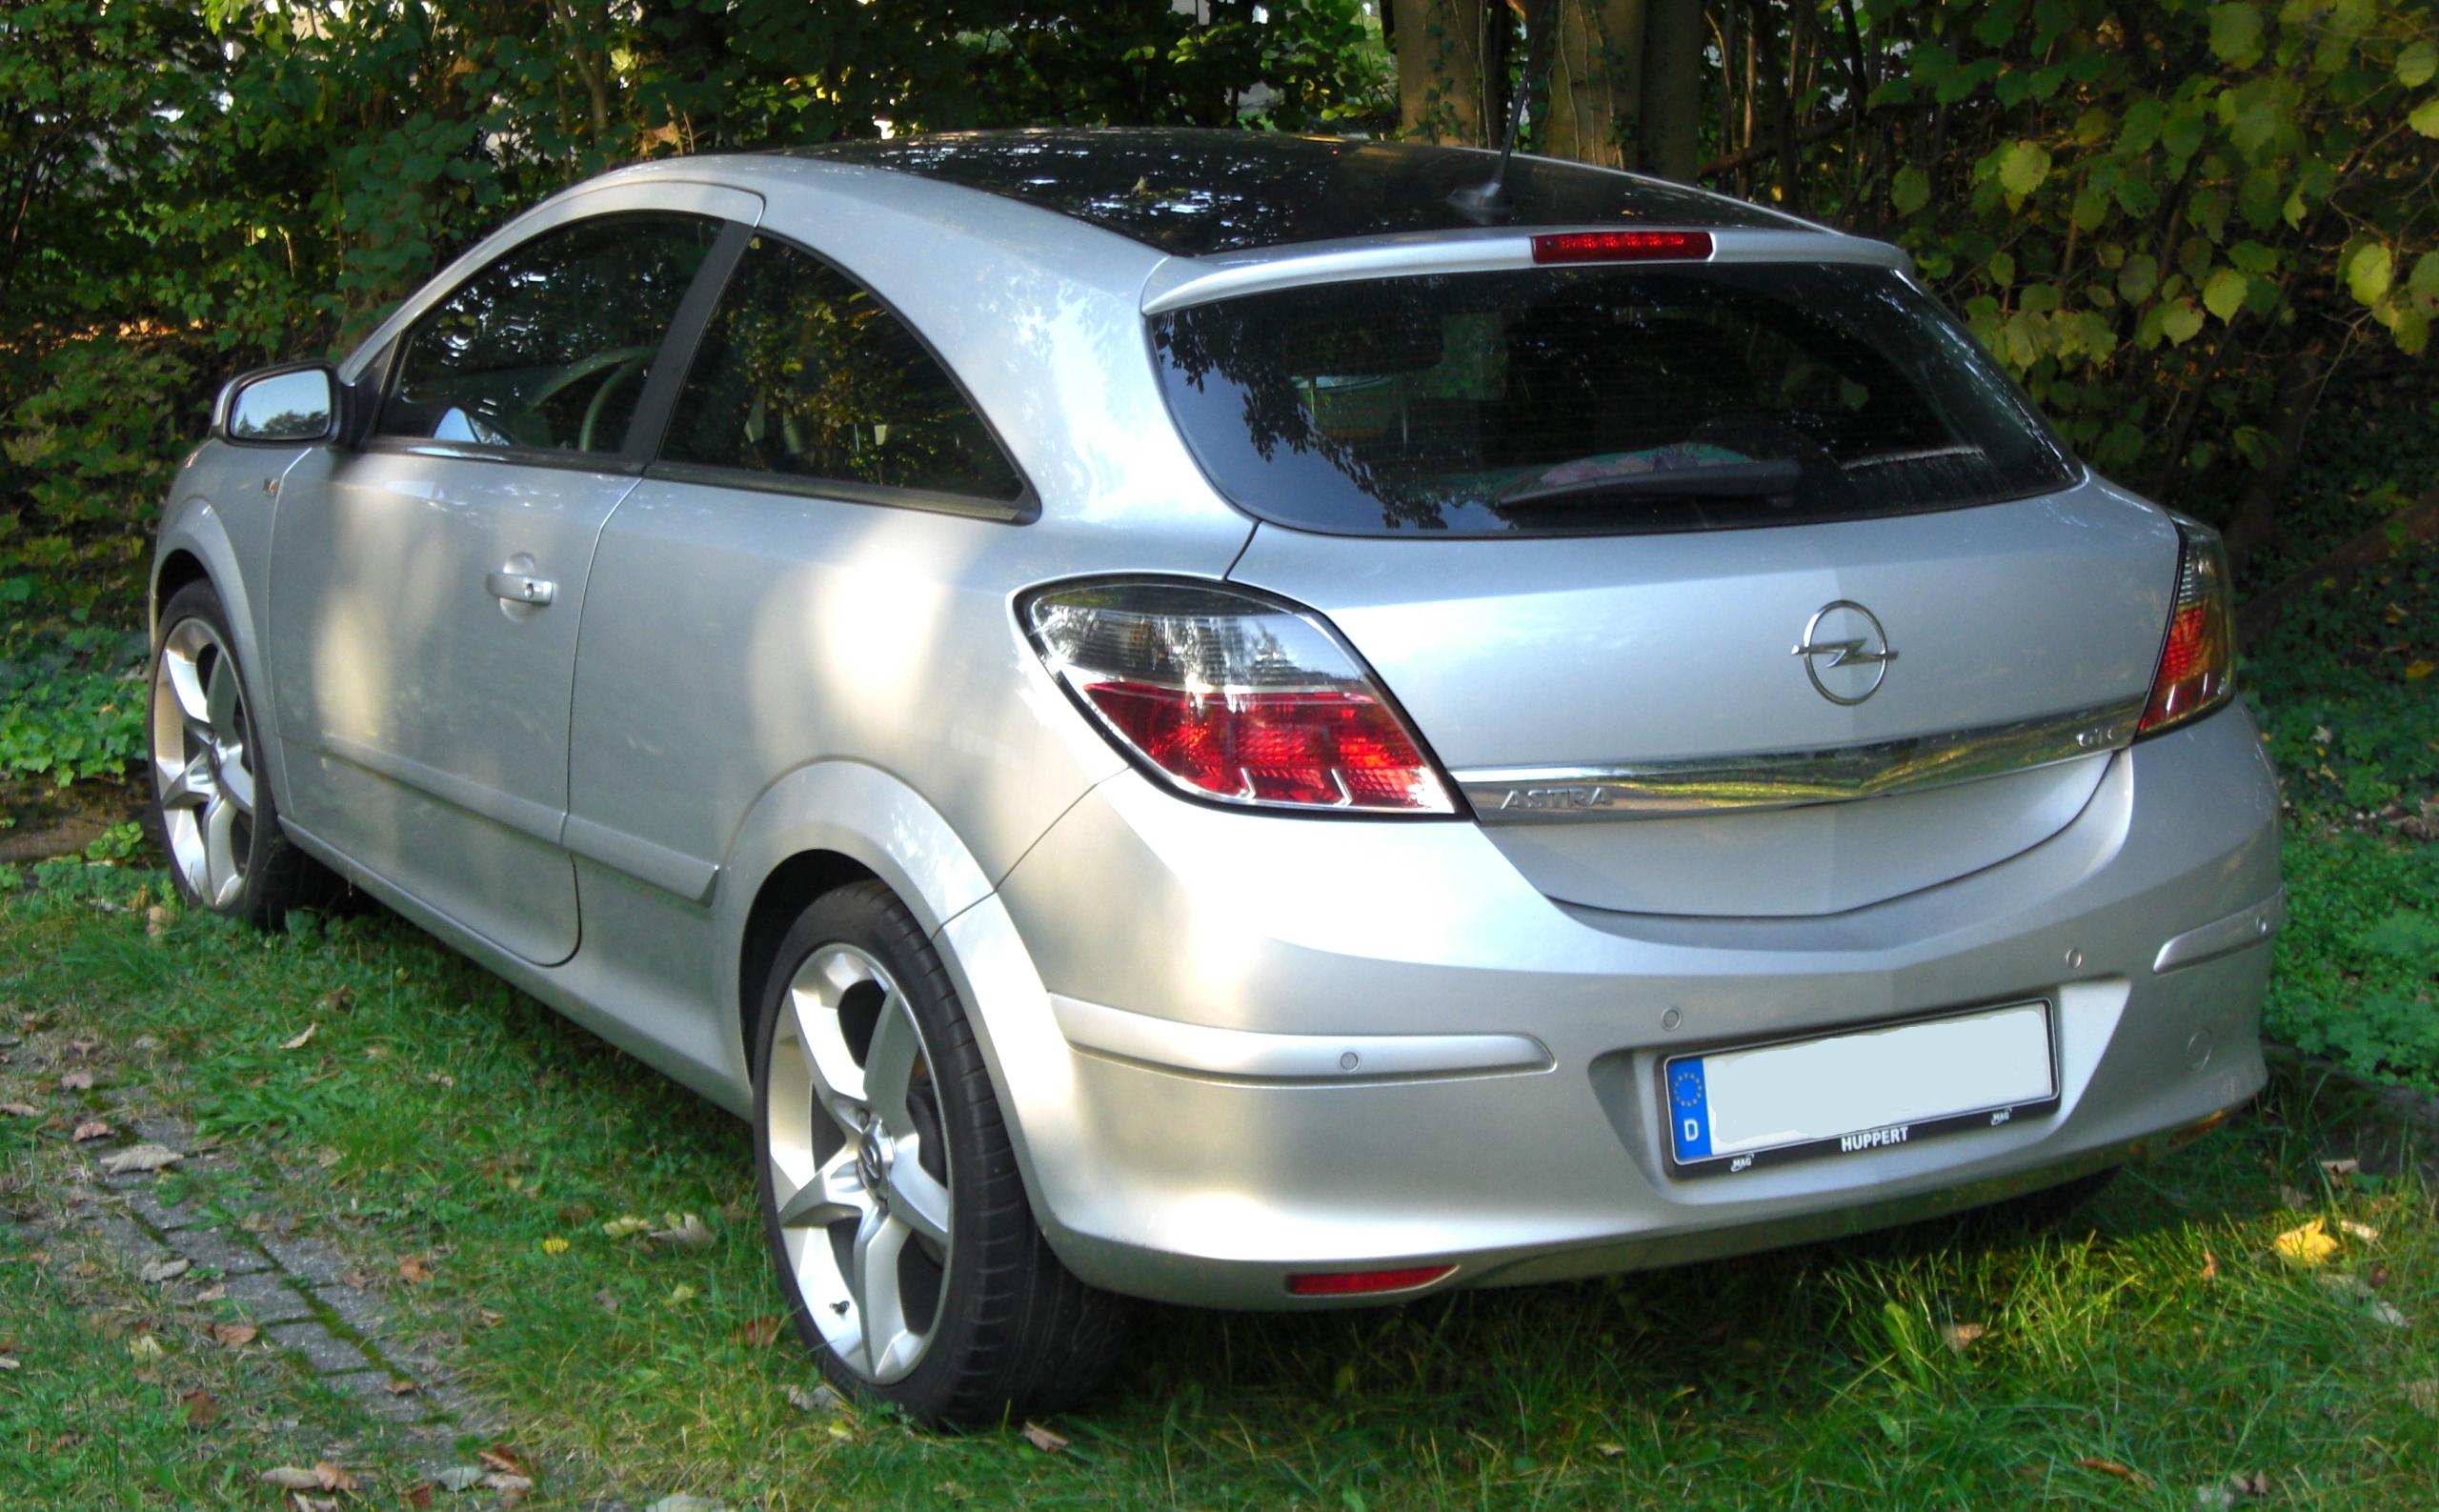 Schema Elettrico Opel Astra F : Schema impianto elettrico opel astra h fare di una mosca